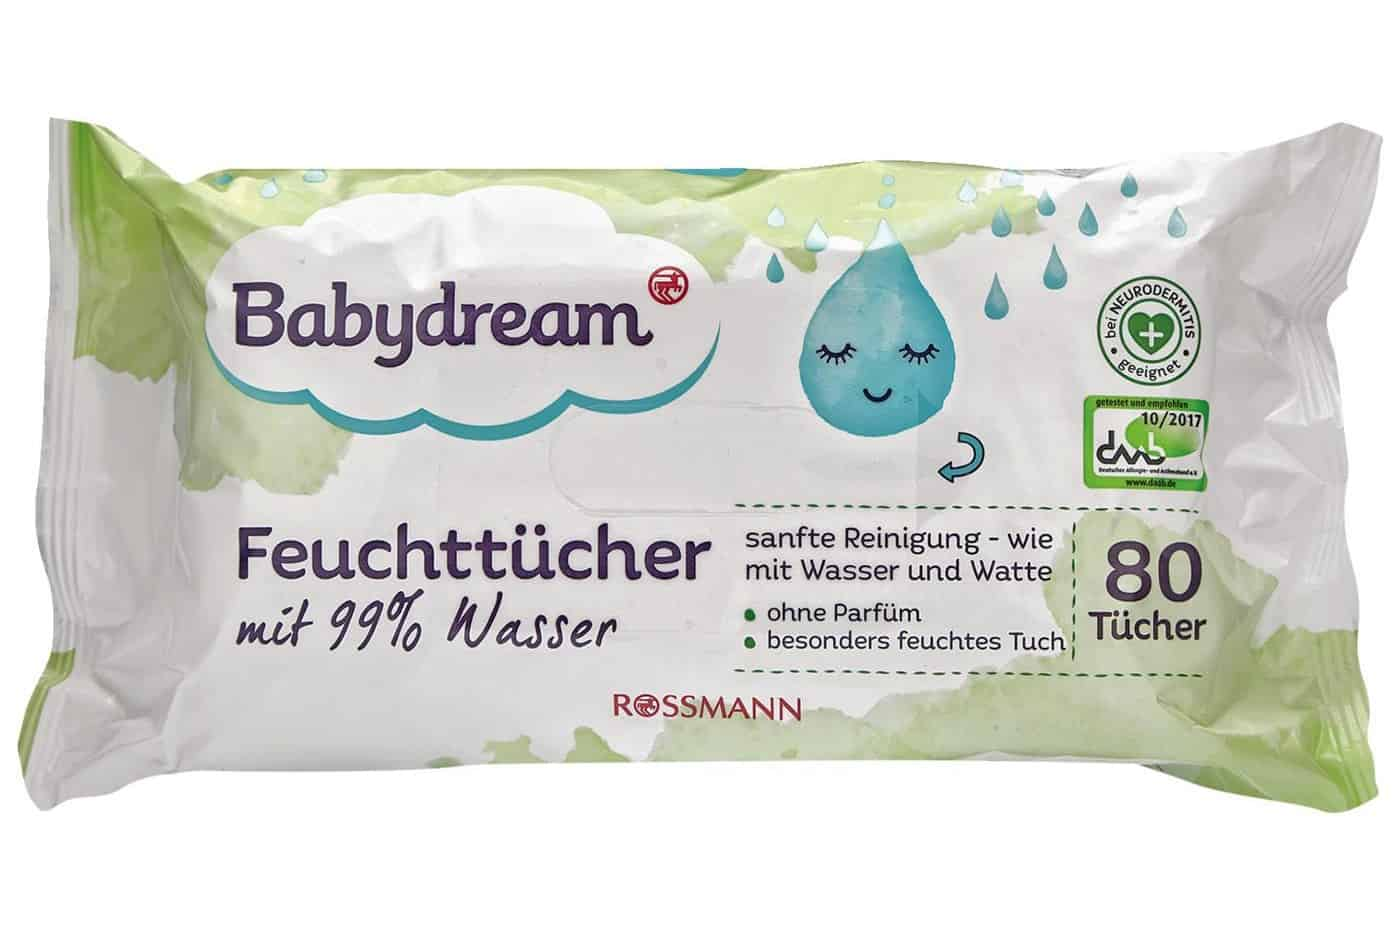 Babydream mit 99% Wasser, mokre chusteczki, chusteczki nawilżane, water wipes Matka Aptekarka